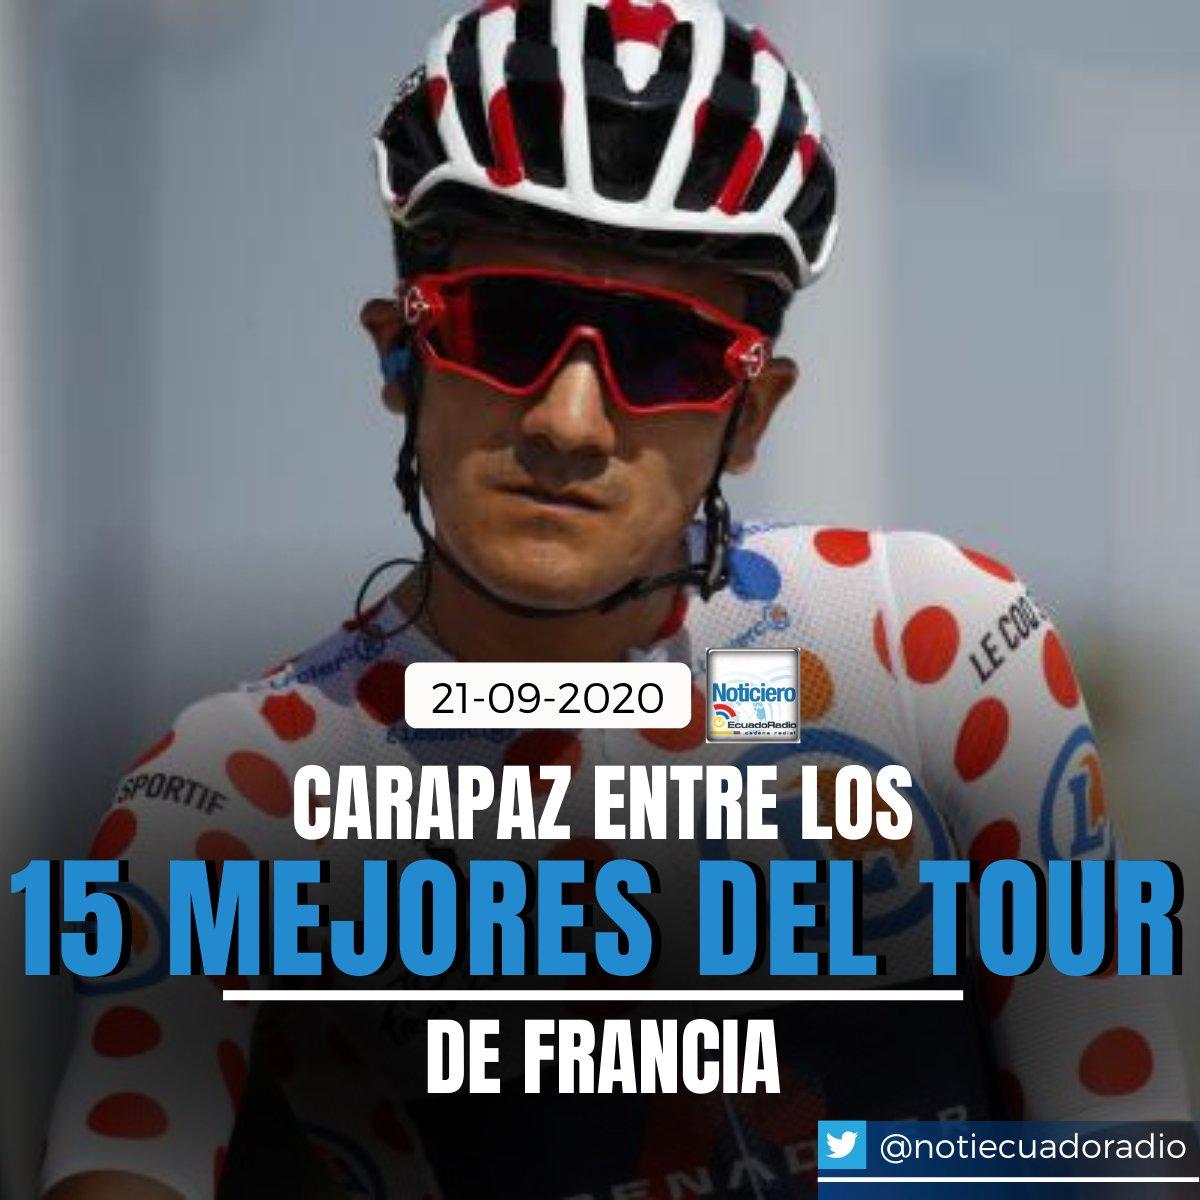 #RichardCarapaz terminó en el puesto 13 de la #clasificación general. El #ecuatoriano cronometró 87h45'58''. La '#Locomotora del #Carchi' fue el mejor ubicado del equipo #IneosGrenadiers. https://t.co/ojDFJAZujl